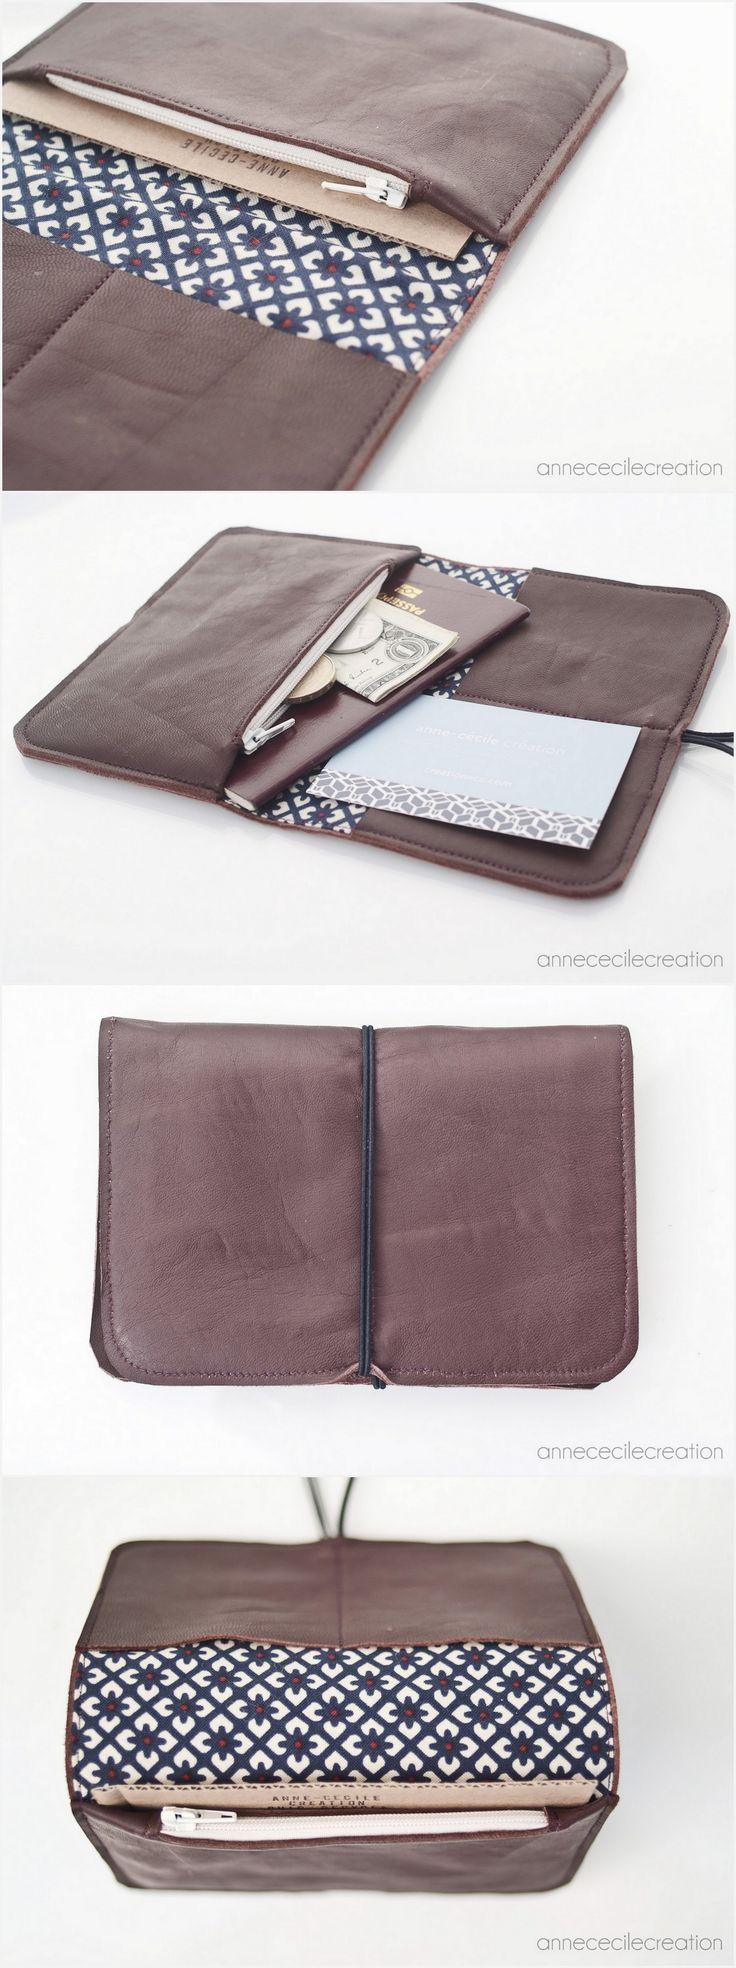 unique, tout en cuir, pour la monnaie ou vos cartes, papiers de voiture, assurance, carte d'identité et même passeport. Le portefeuille star d'AnneCecileCreation. Livraison gratuite. 38€ seulement.